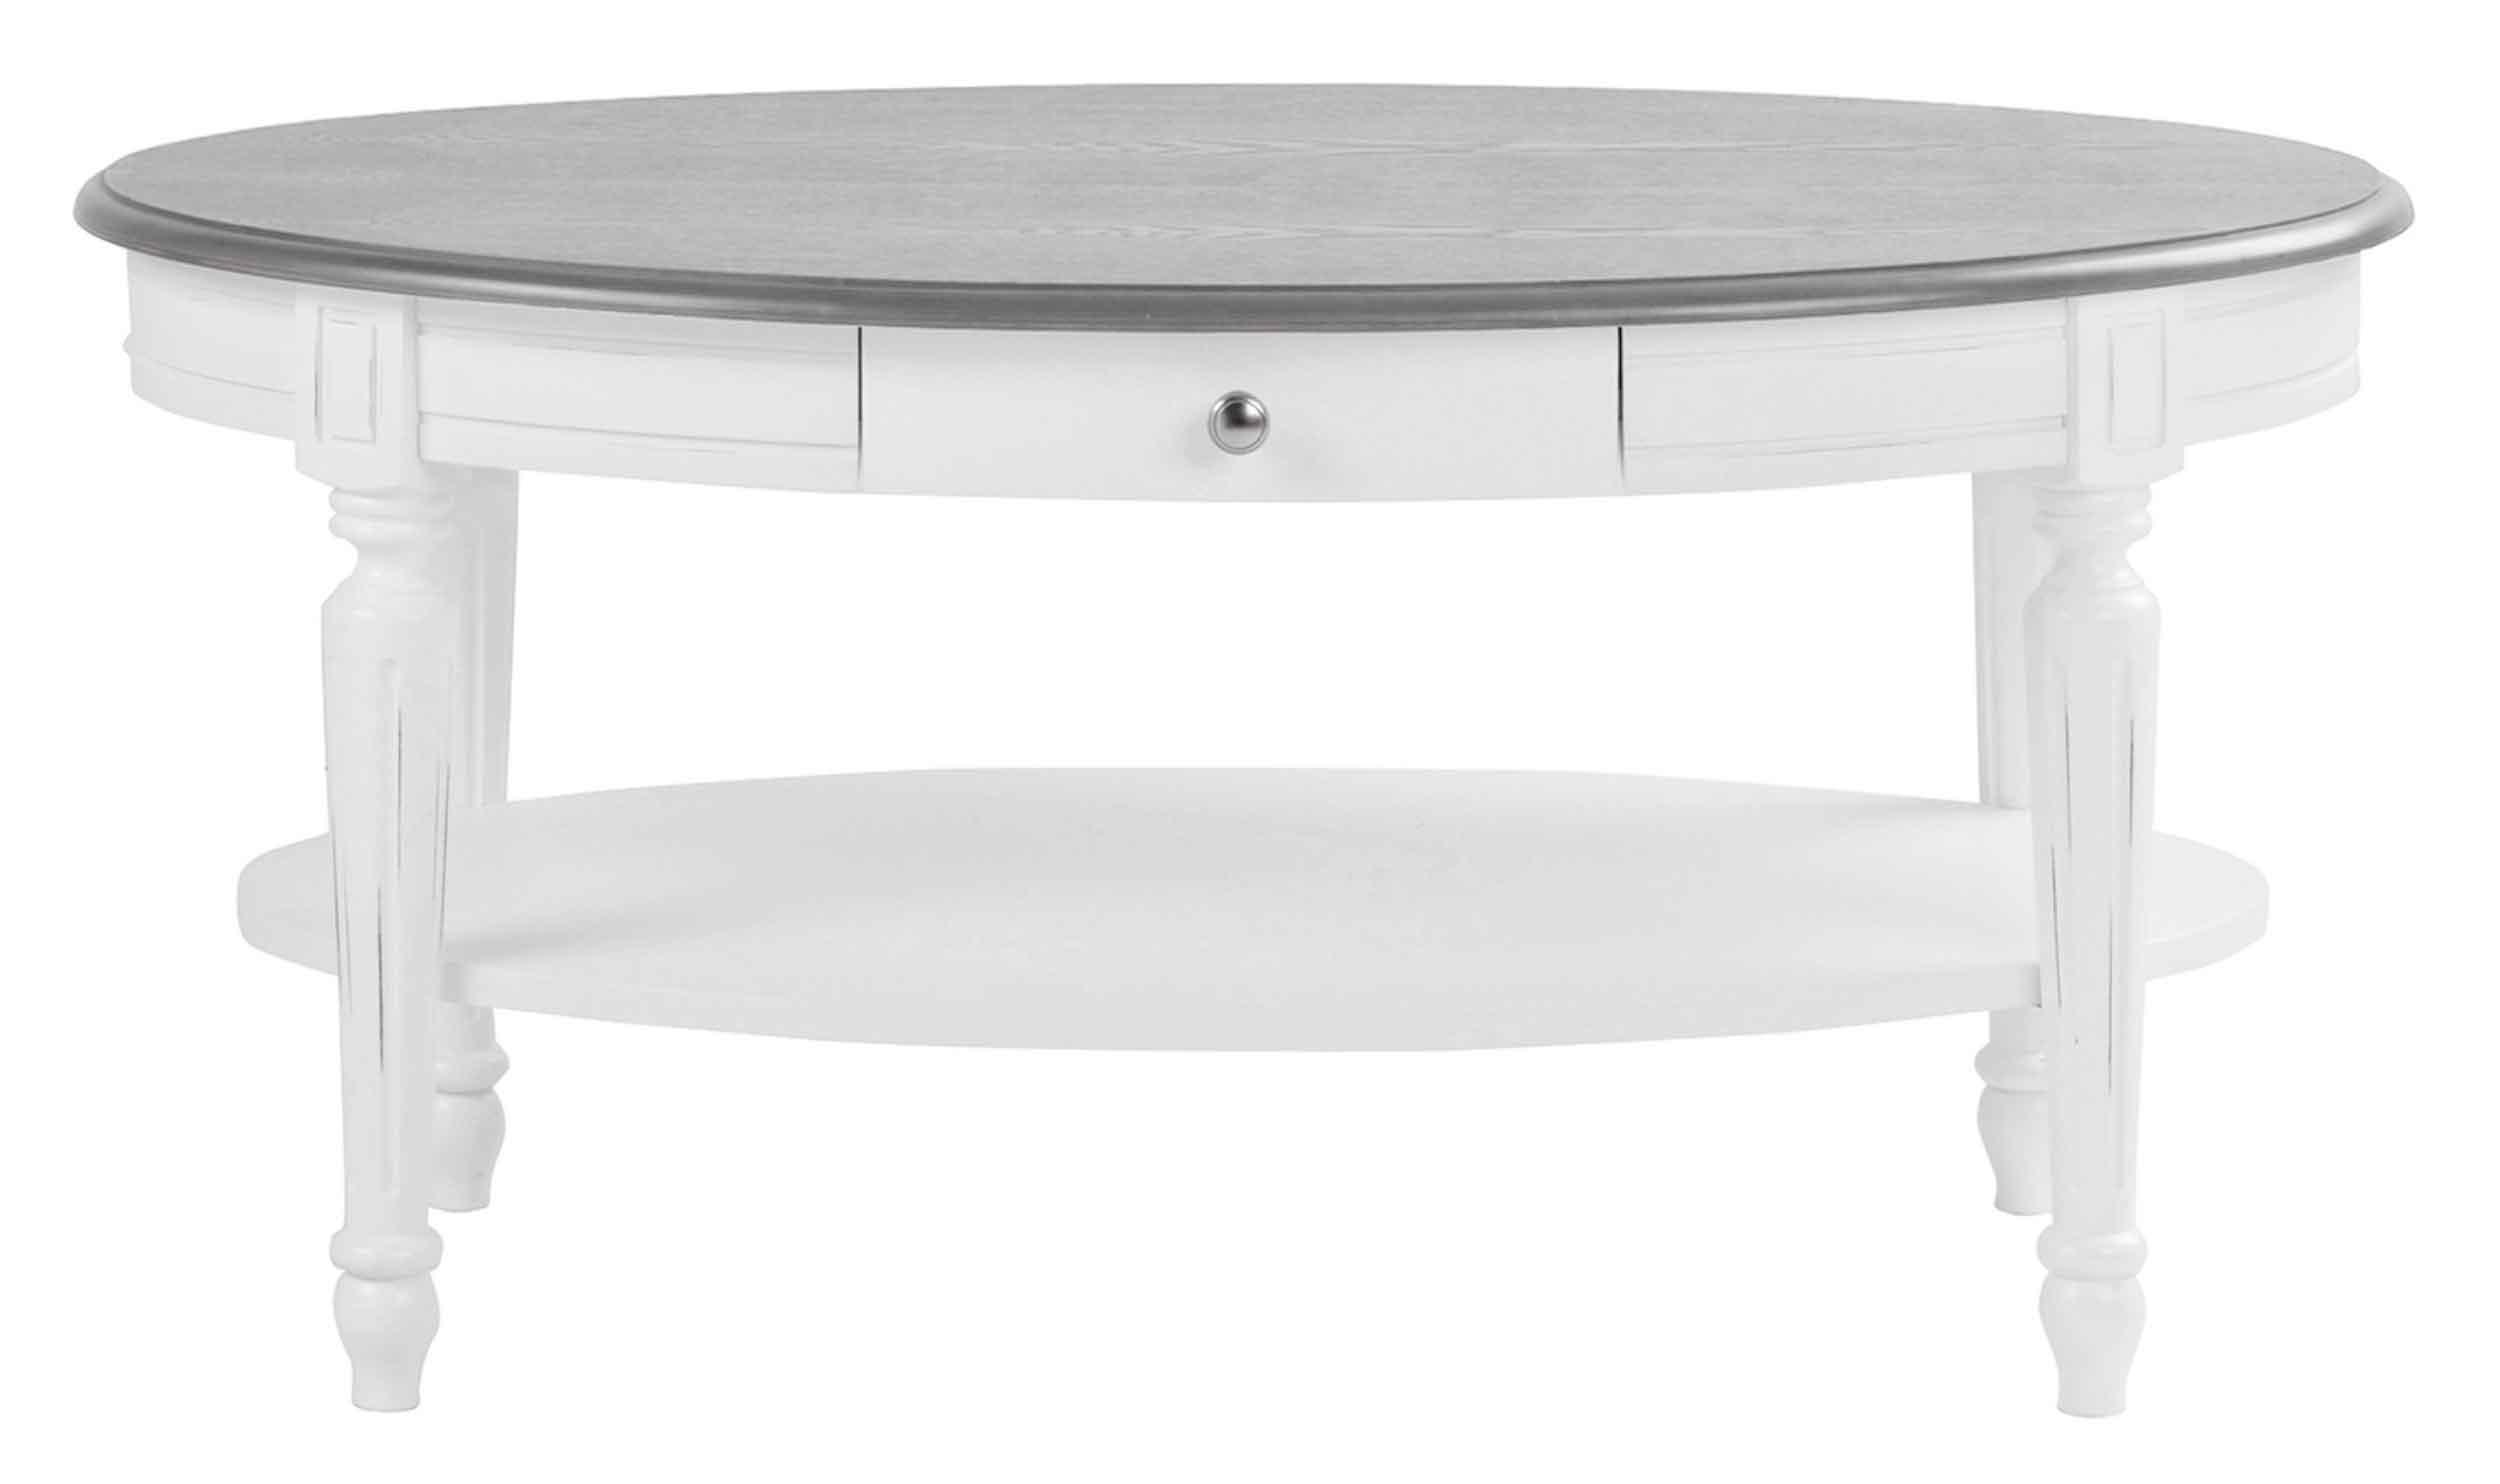 Viktoria sofabord - Hvidt og gråt træ, m. skuffe, ovalt